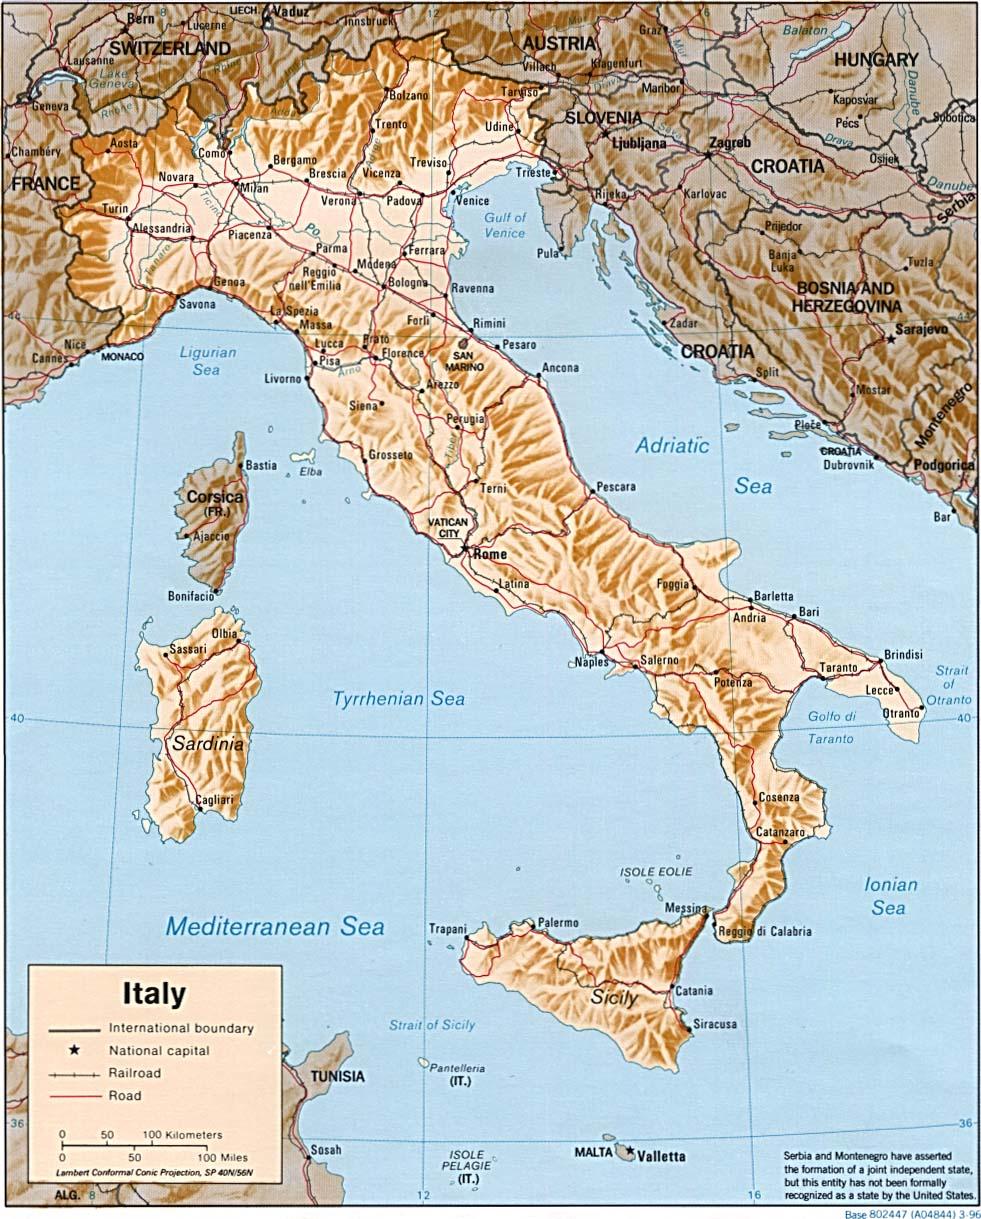 Bologna Cartina Geografica.Mappa Italia Cartina Geografica E Risorse Utili Viaggiatori Net